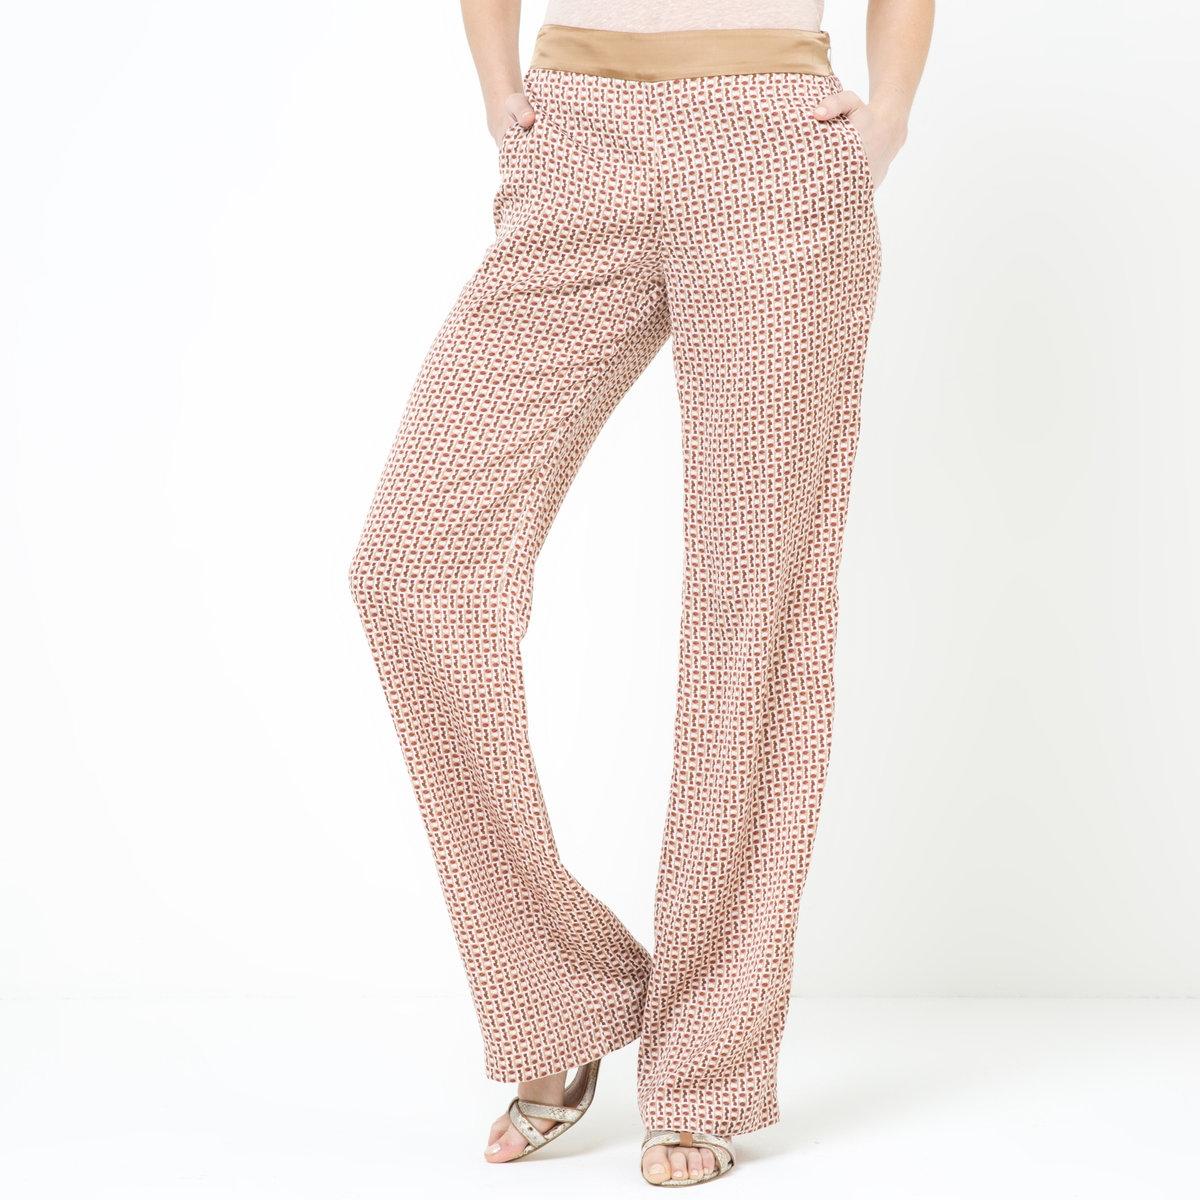 Брюки из струящейся ткани с рисункомLa Redoute рекомендует заказывать одежду на один размер больше, чем вы обычно носите.<br><br>Цвет: набивной рисунок<br>Размер: 38 (FR) - 44 (RUS).40 (FR) - 46 (RUS).42 (FR) - 48 (RUS)